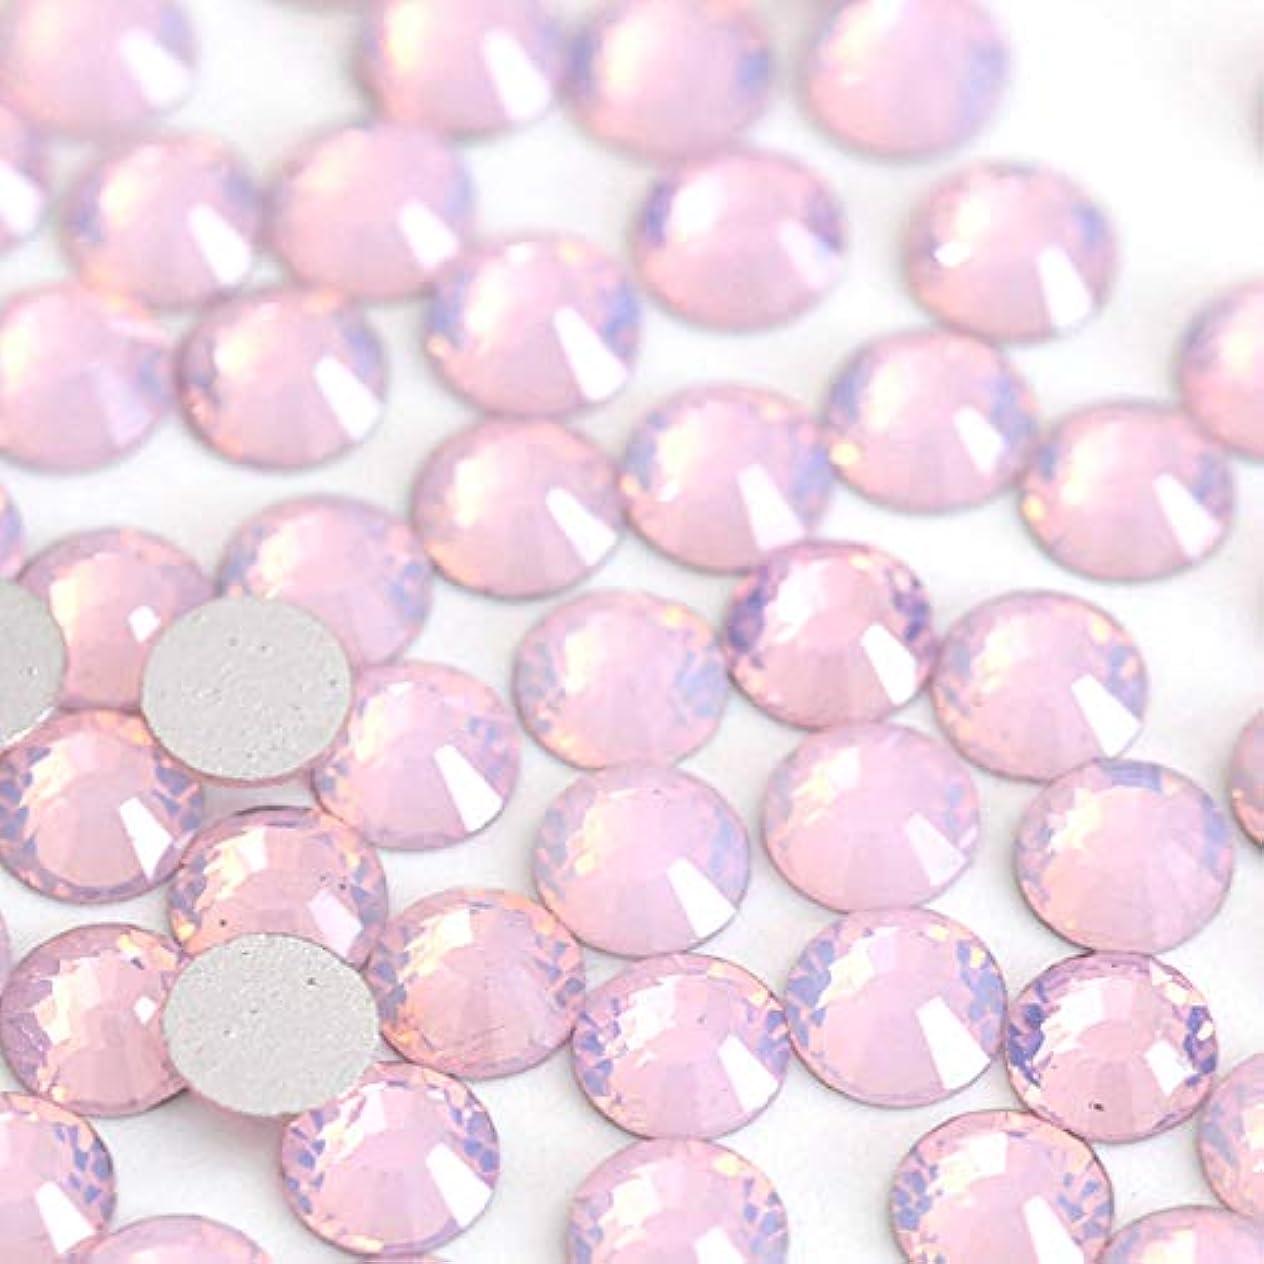 風味狂ったギャザー【ラインストーン77】 ガラス製ラインストーン ピンクオパール(SS12:約3.0mm/約200粒)